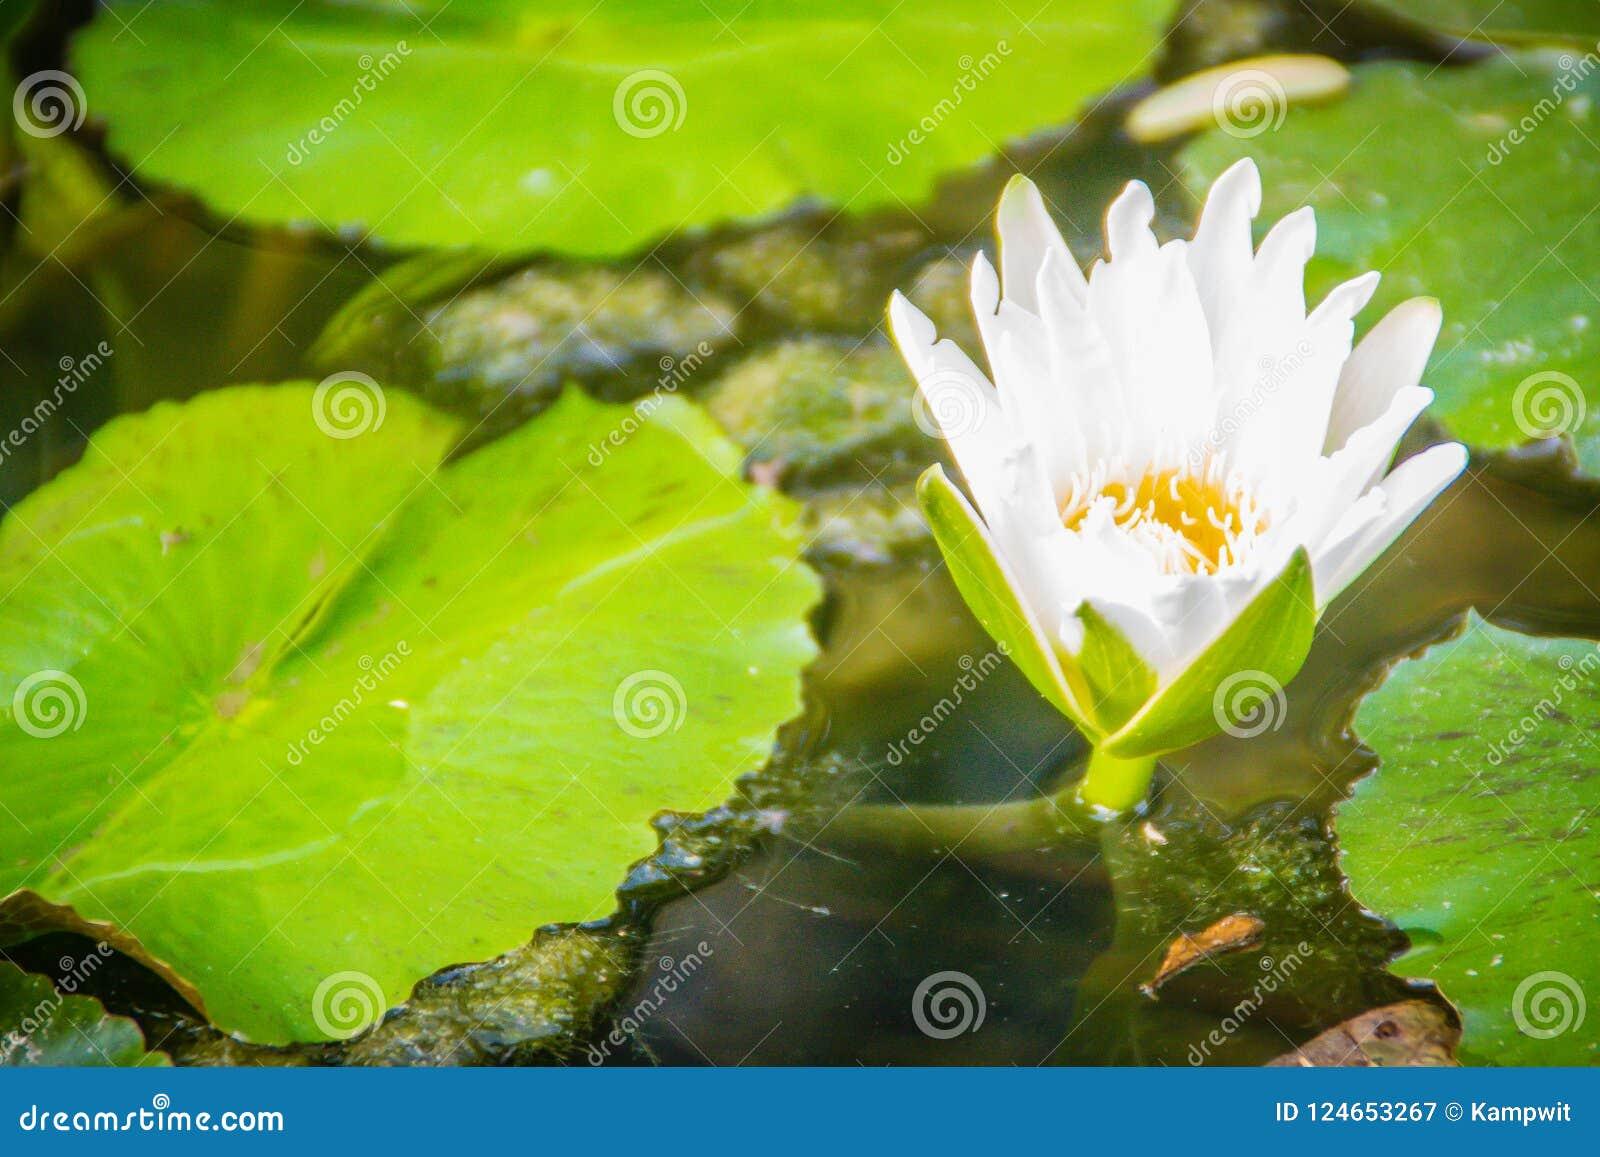 Biały lotos z żółtym pollen z zielenią opuszcza tło Kwiat biała wodna leluja kwitnie z żółtym pollen w stawie